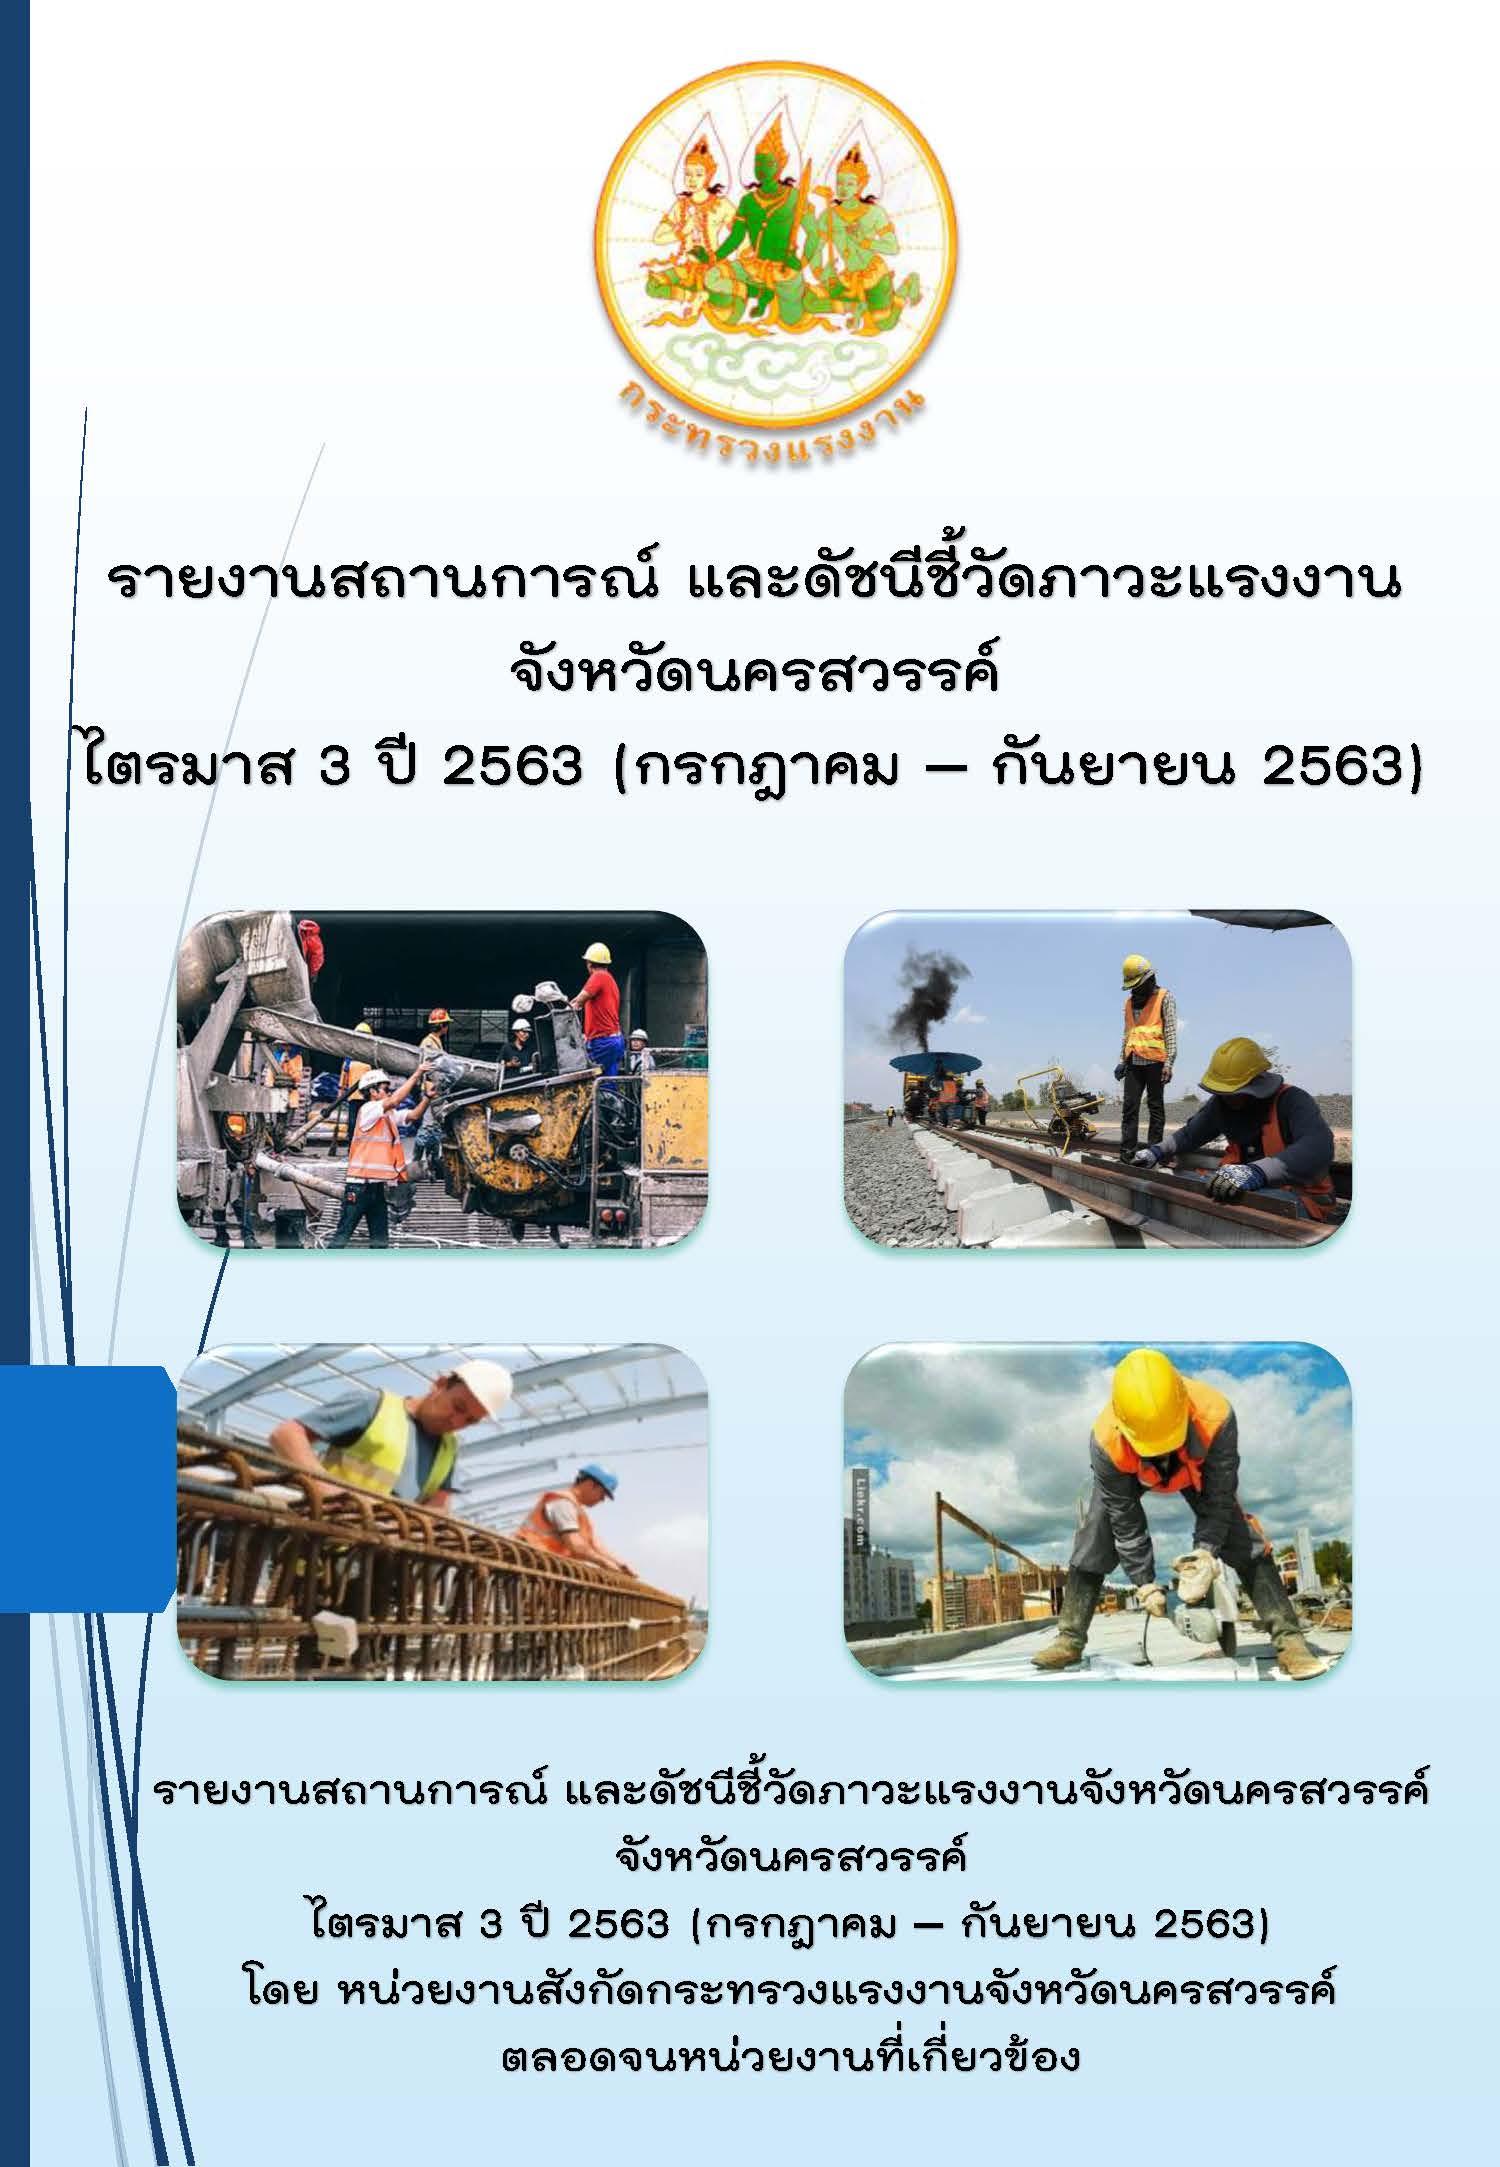 รายงานสถานการณ์และดัชนีชี้วัดภาวะแรงงานจังหวัดนครสวรรค์ ไตรมาส 3 ปี 2563 (กรกฎาคม -กันยายน 2563)